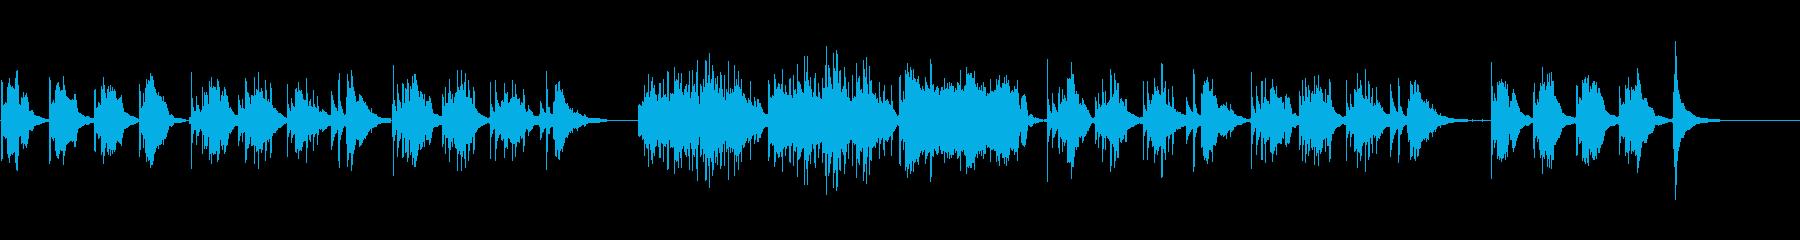 生演奏クラシックギター悲しい暗い映像用の再生済みの波形